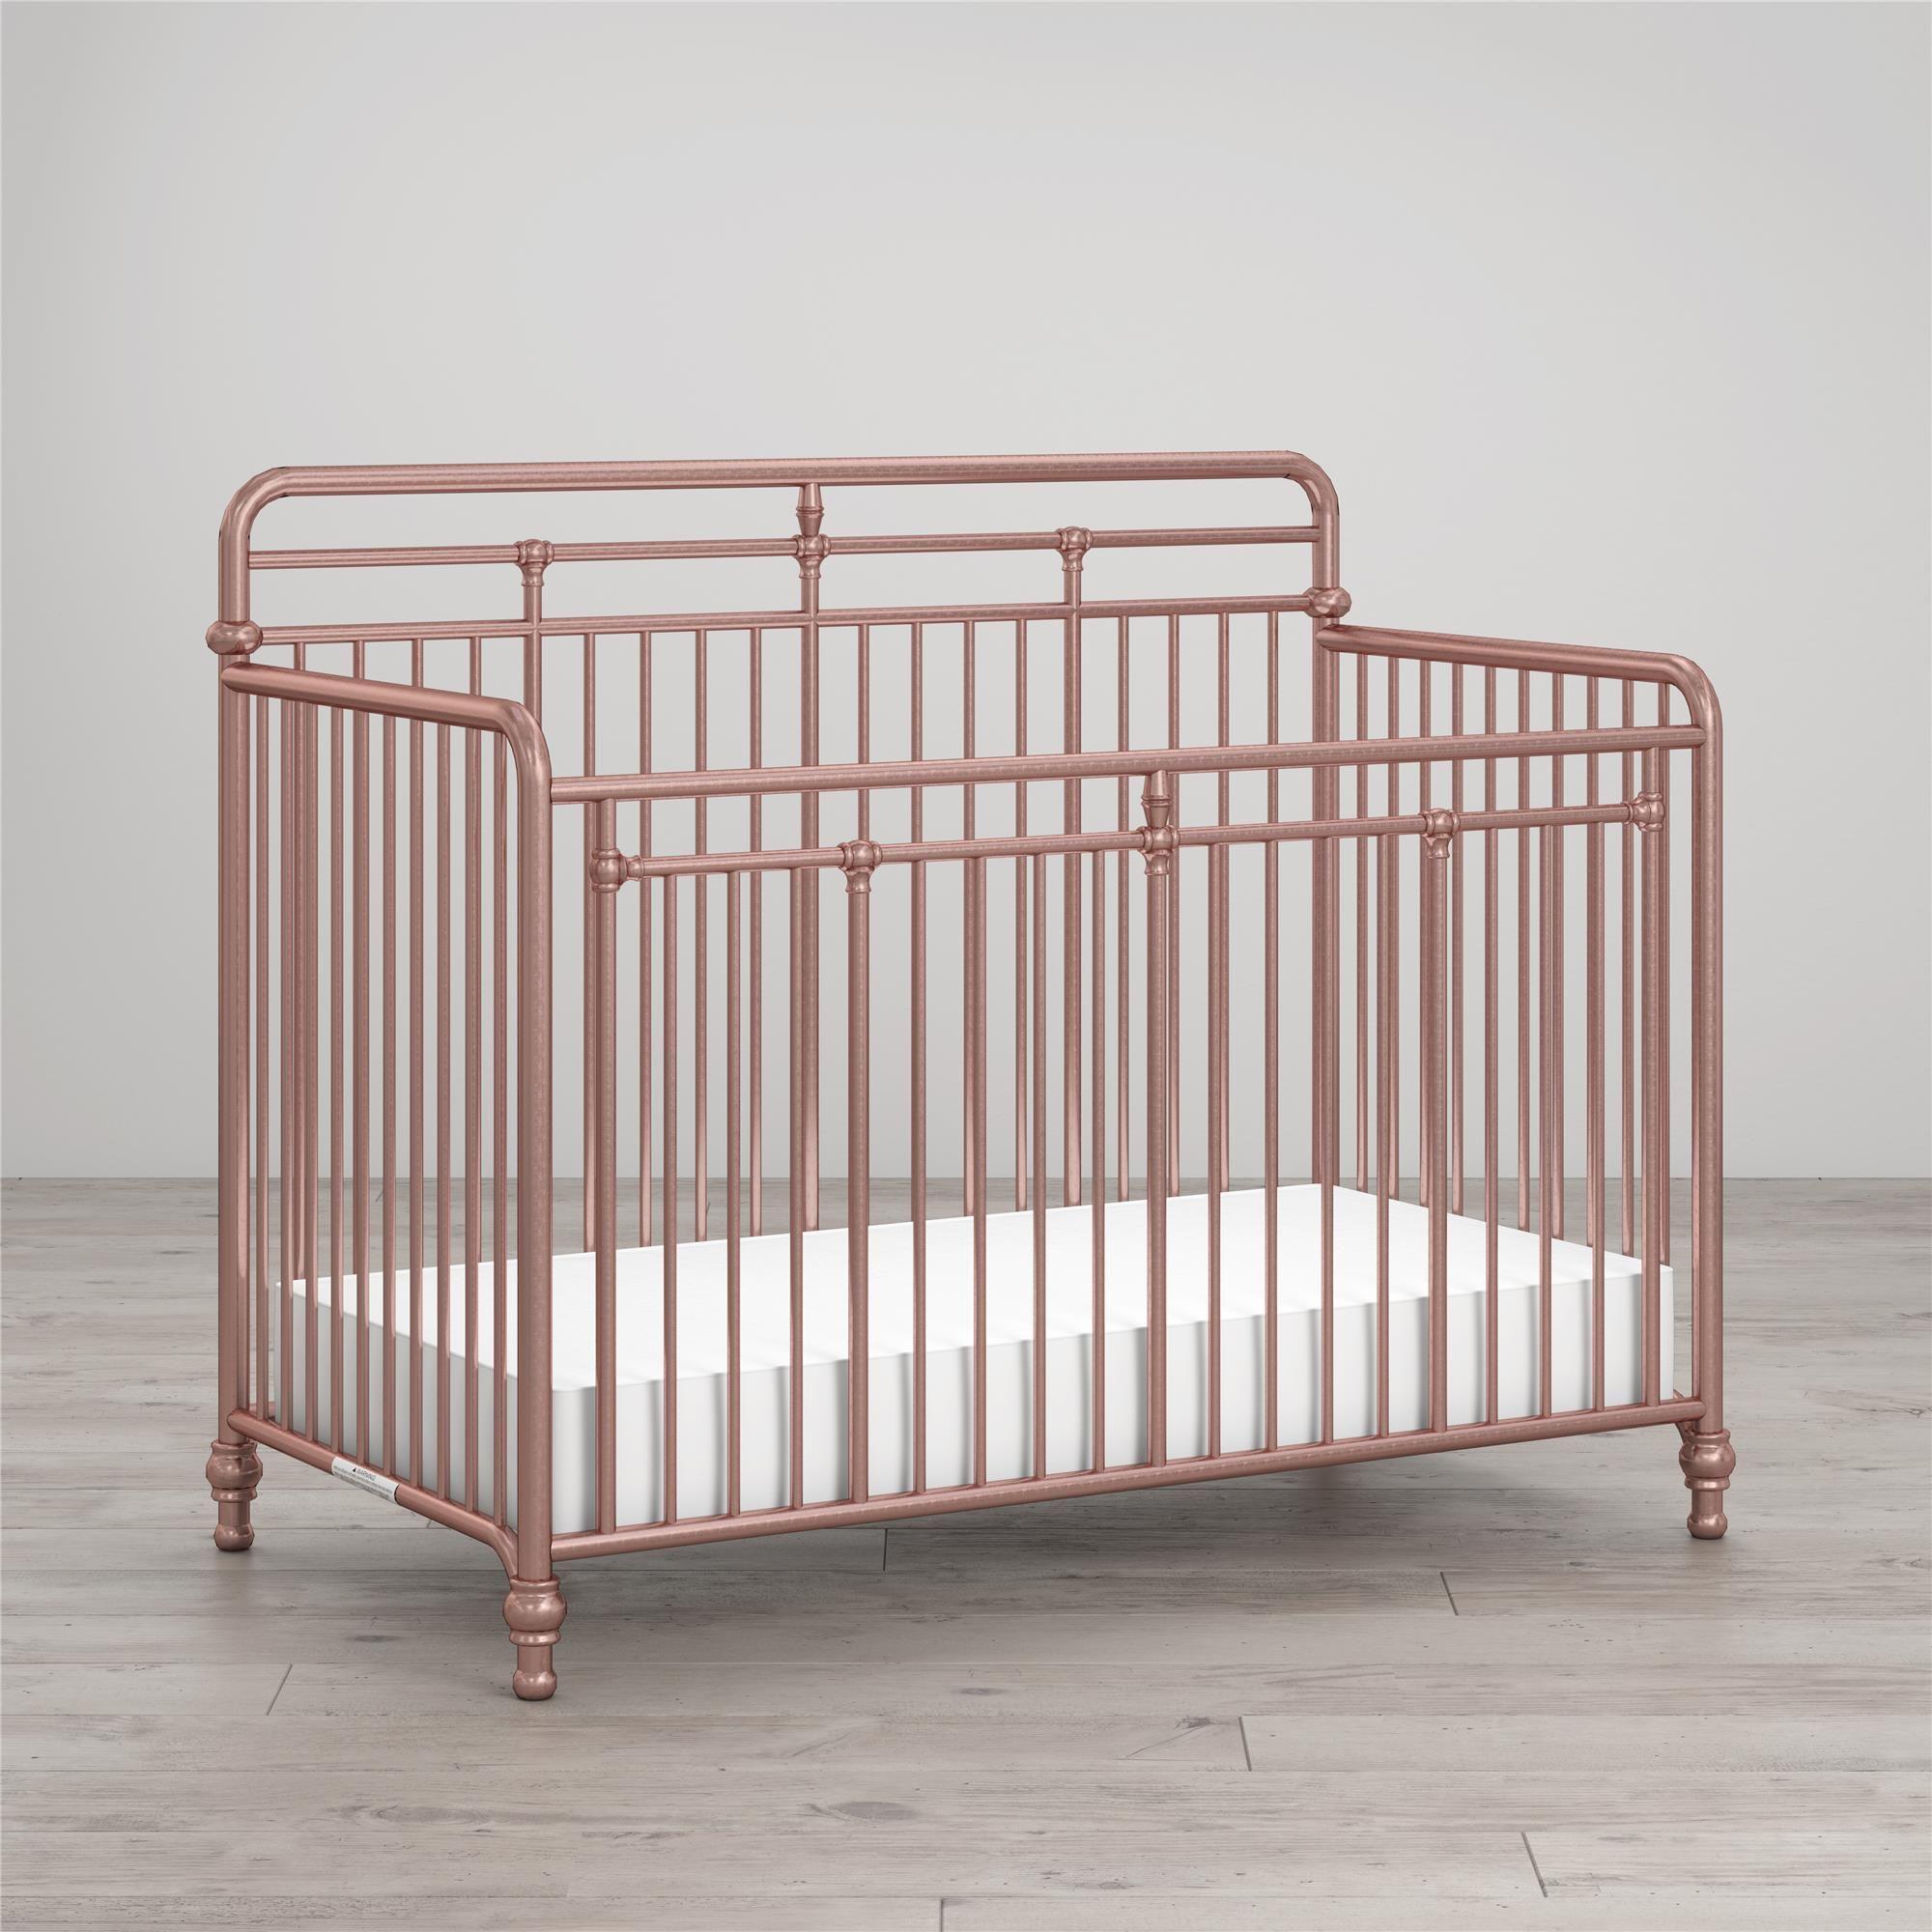 Baby Convertible crib, Cribs, Portable crib